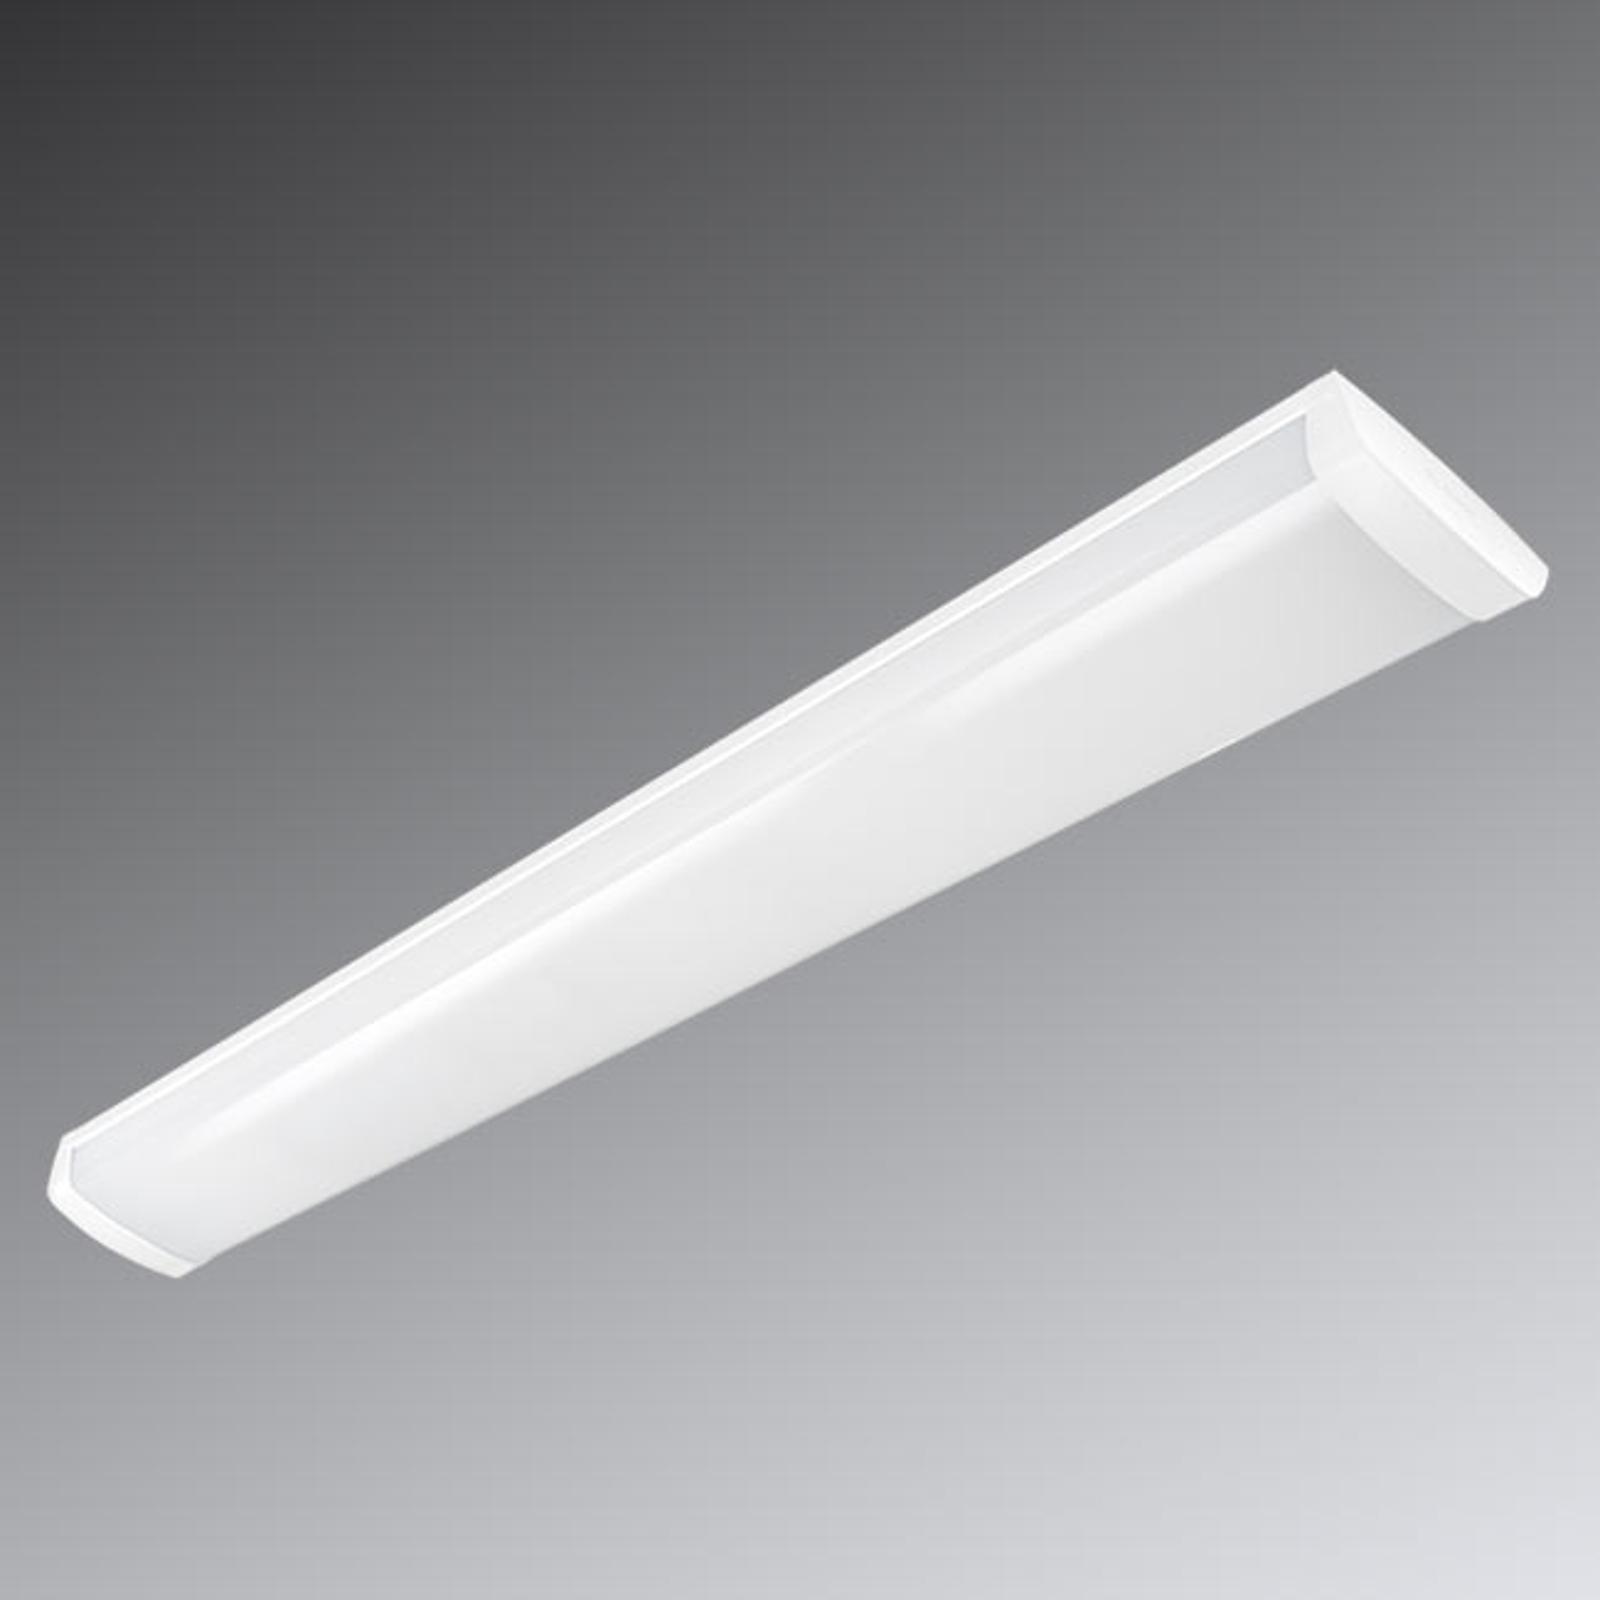 Długa lampa sufitowa LED i60-1500 6000 HF 3000K